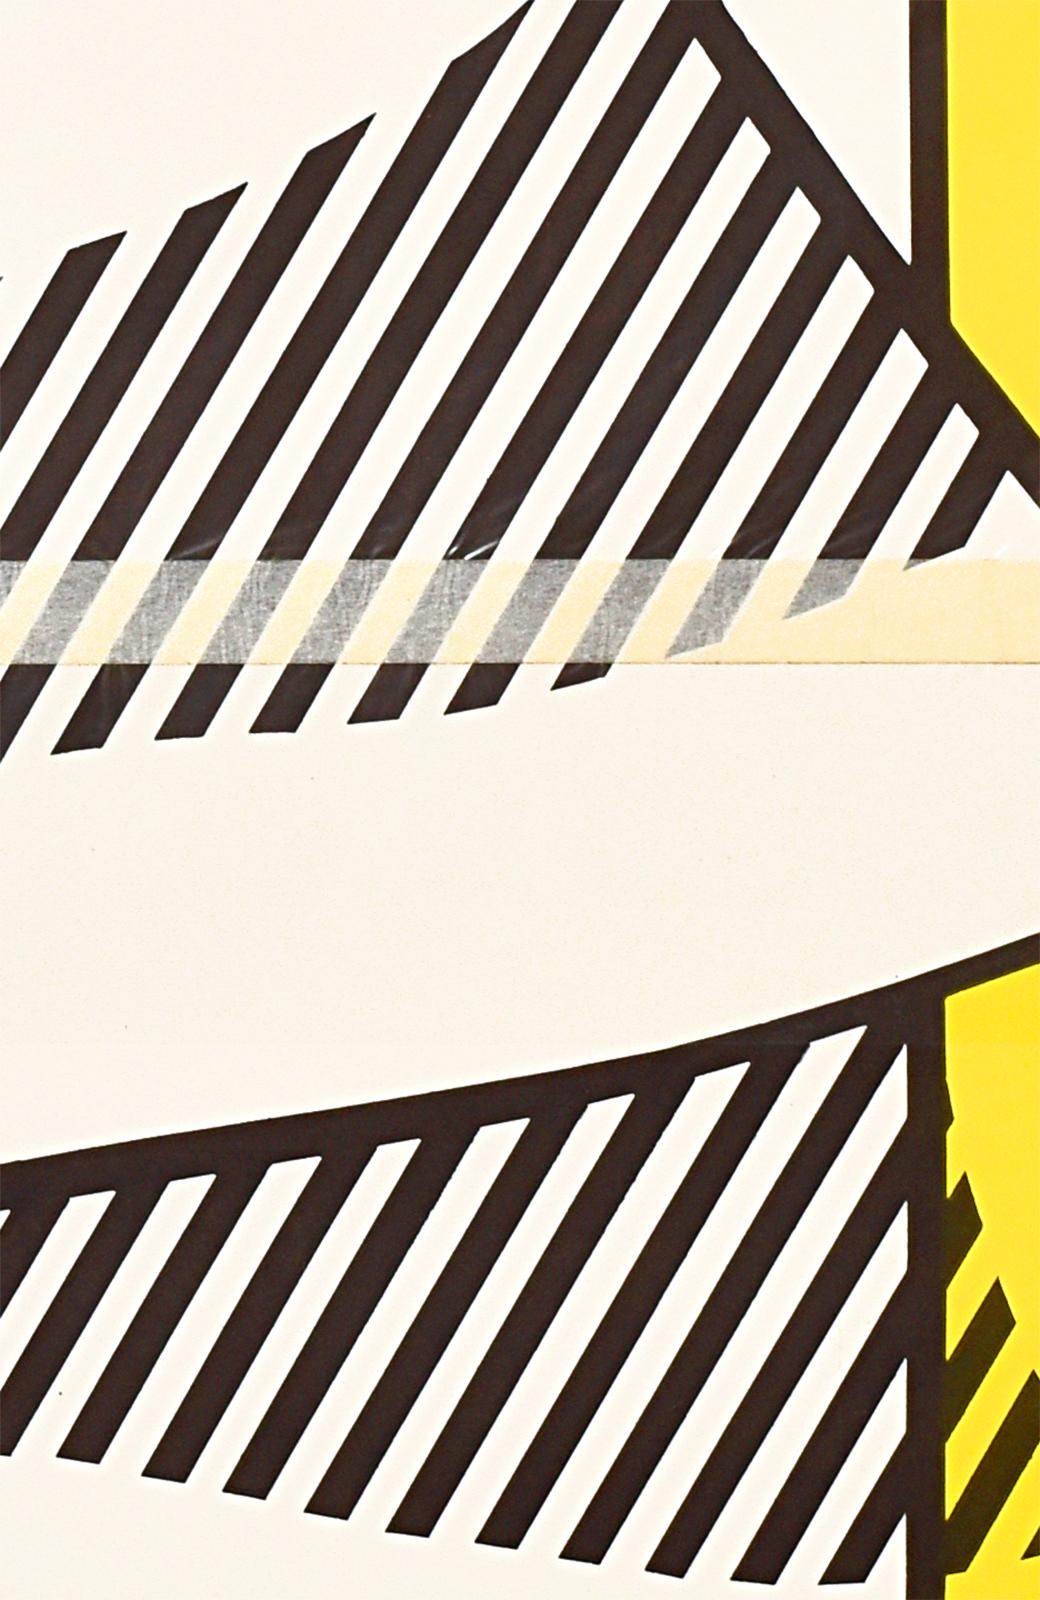 haco! 【アート】ロイ・リキテンスタイン 「Art About Art」 <その他>の商品写真5